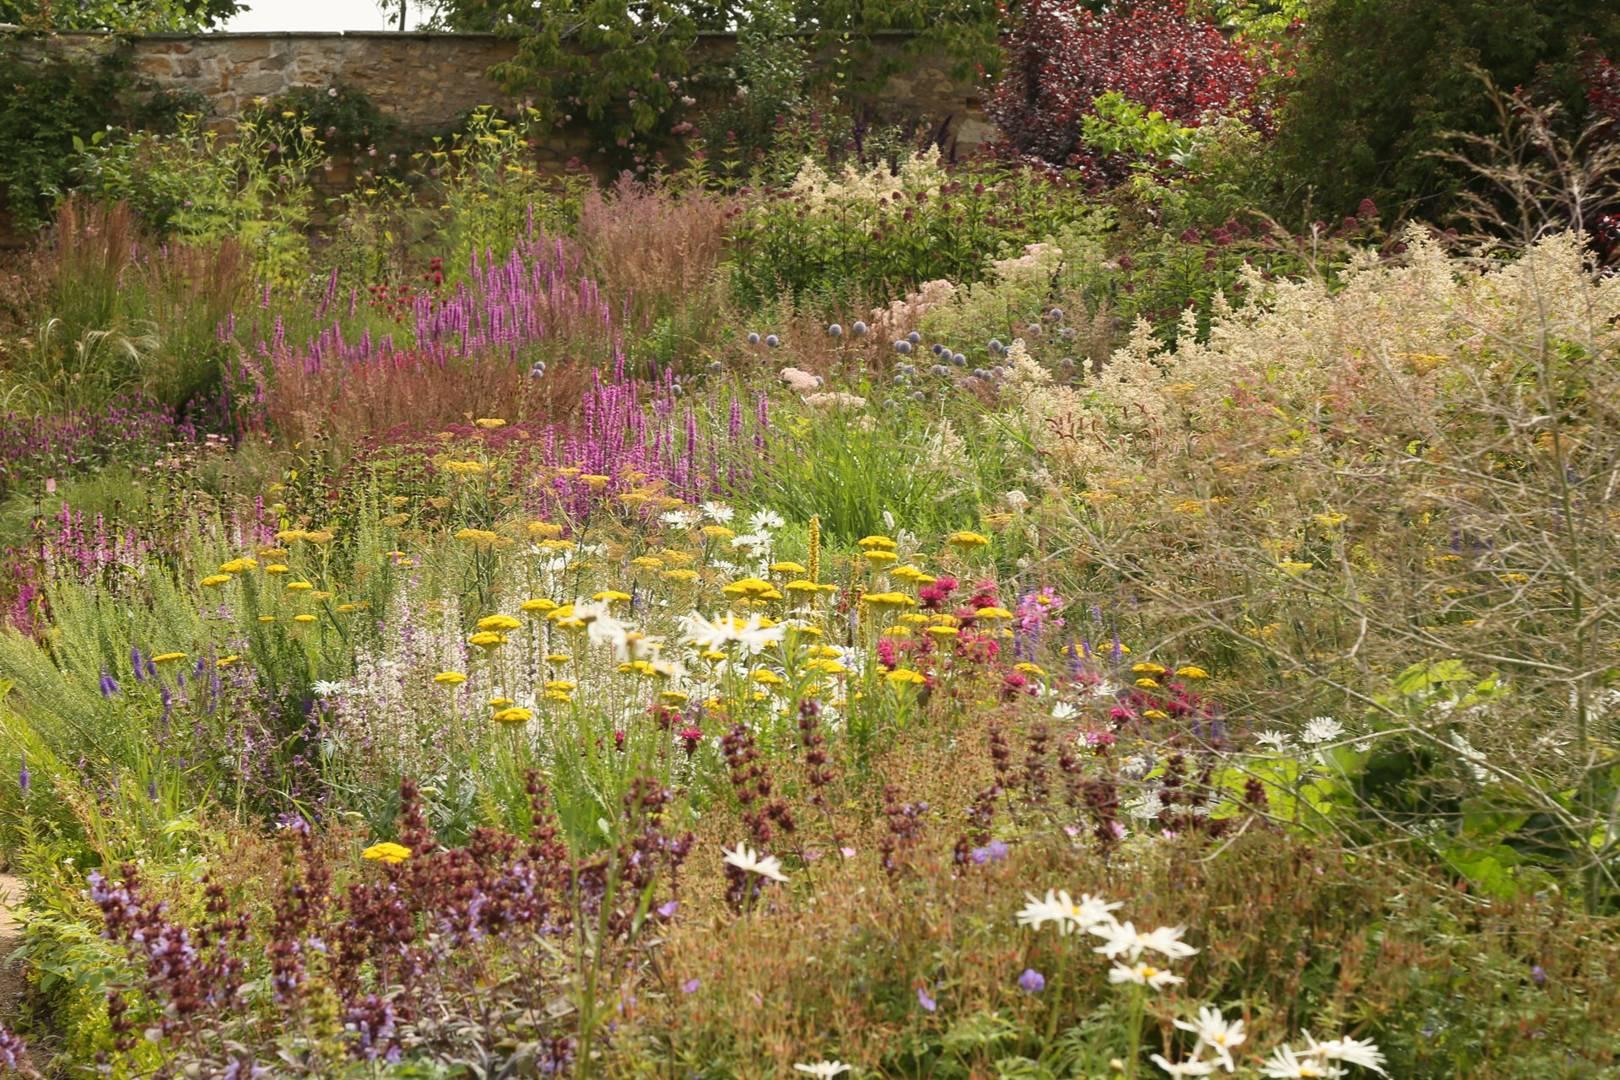 Best gardens for spring flowers in the UK | CN Traveller